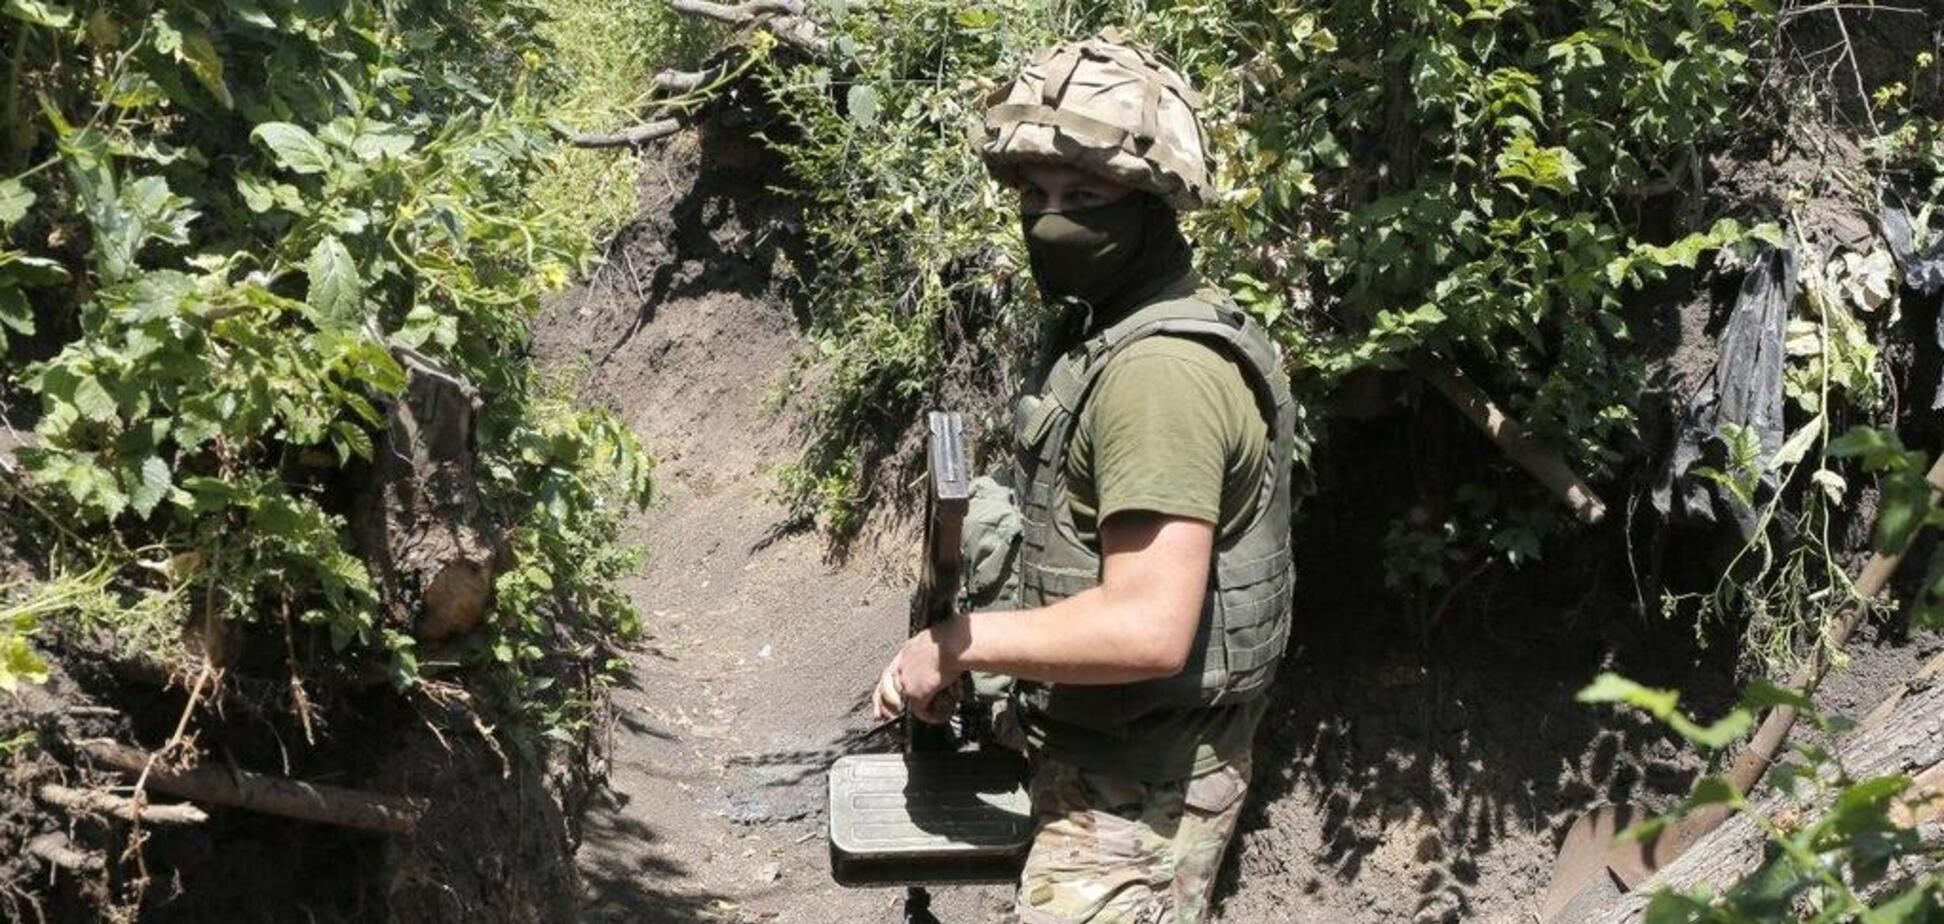 На Донбасі трапилася кривава трагедія: у ЗСУ втрати